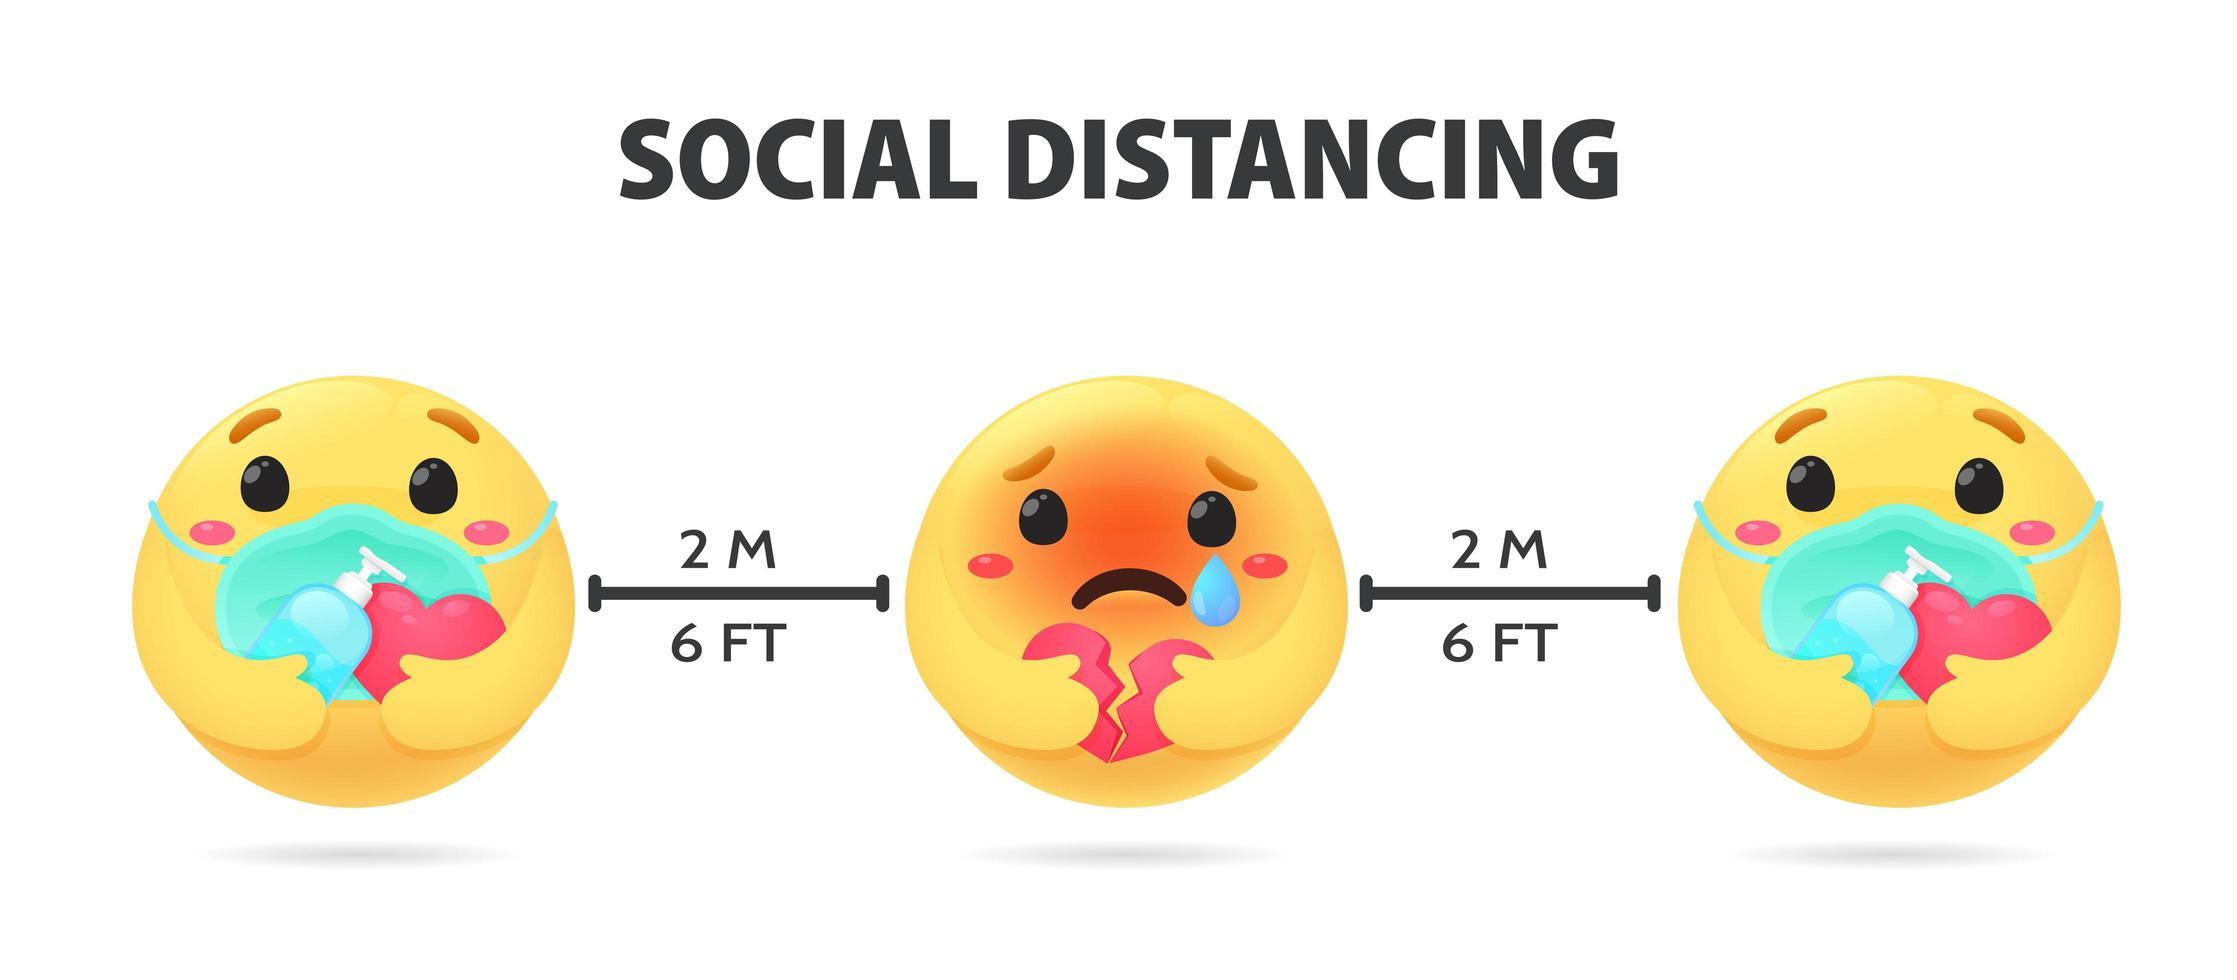 sociale afstandelijke emoji's op afstand van elkaar en angstig vector